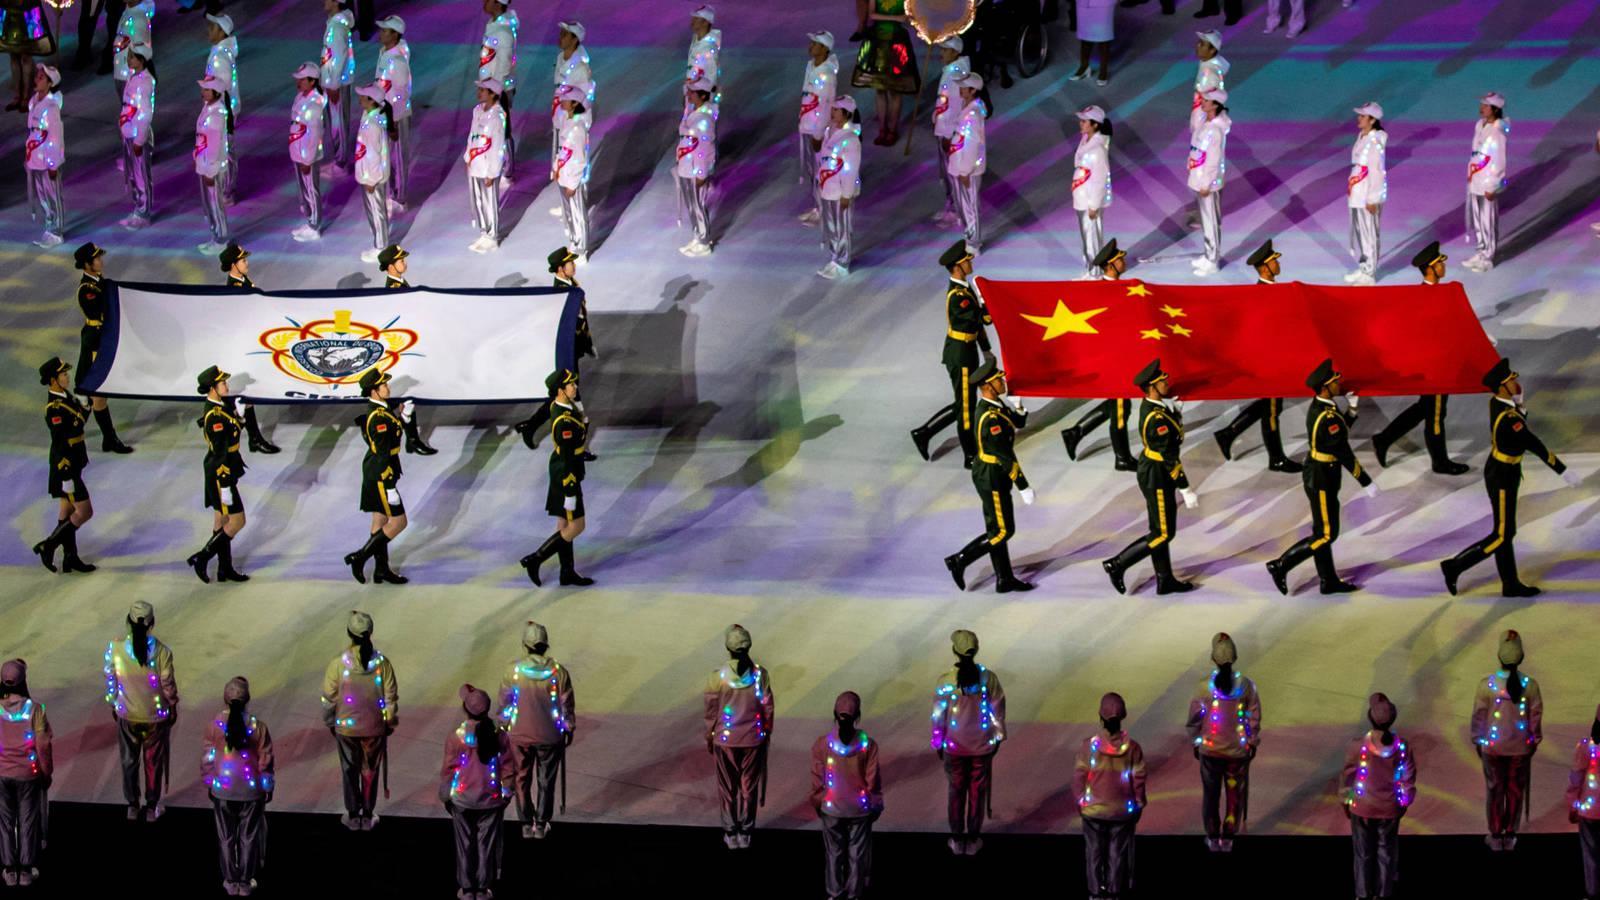 Deporte: Expulsan a China por hacer trampas de los Juegos Militares que  ellos mismos organizan